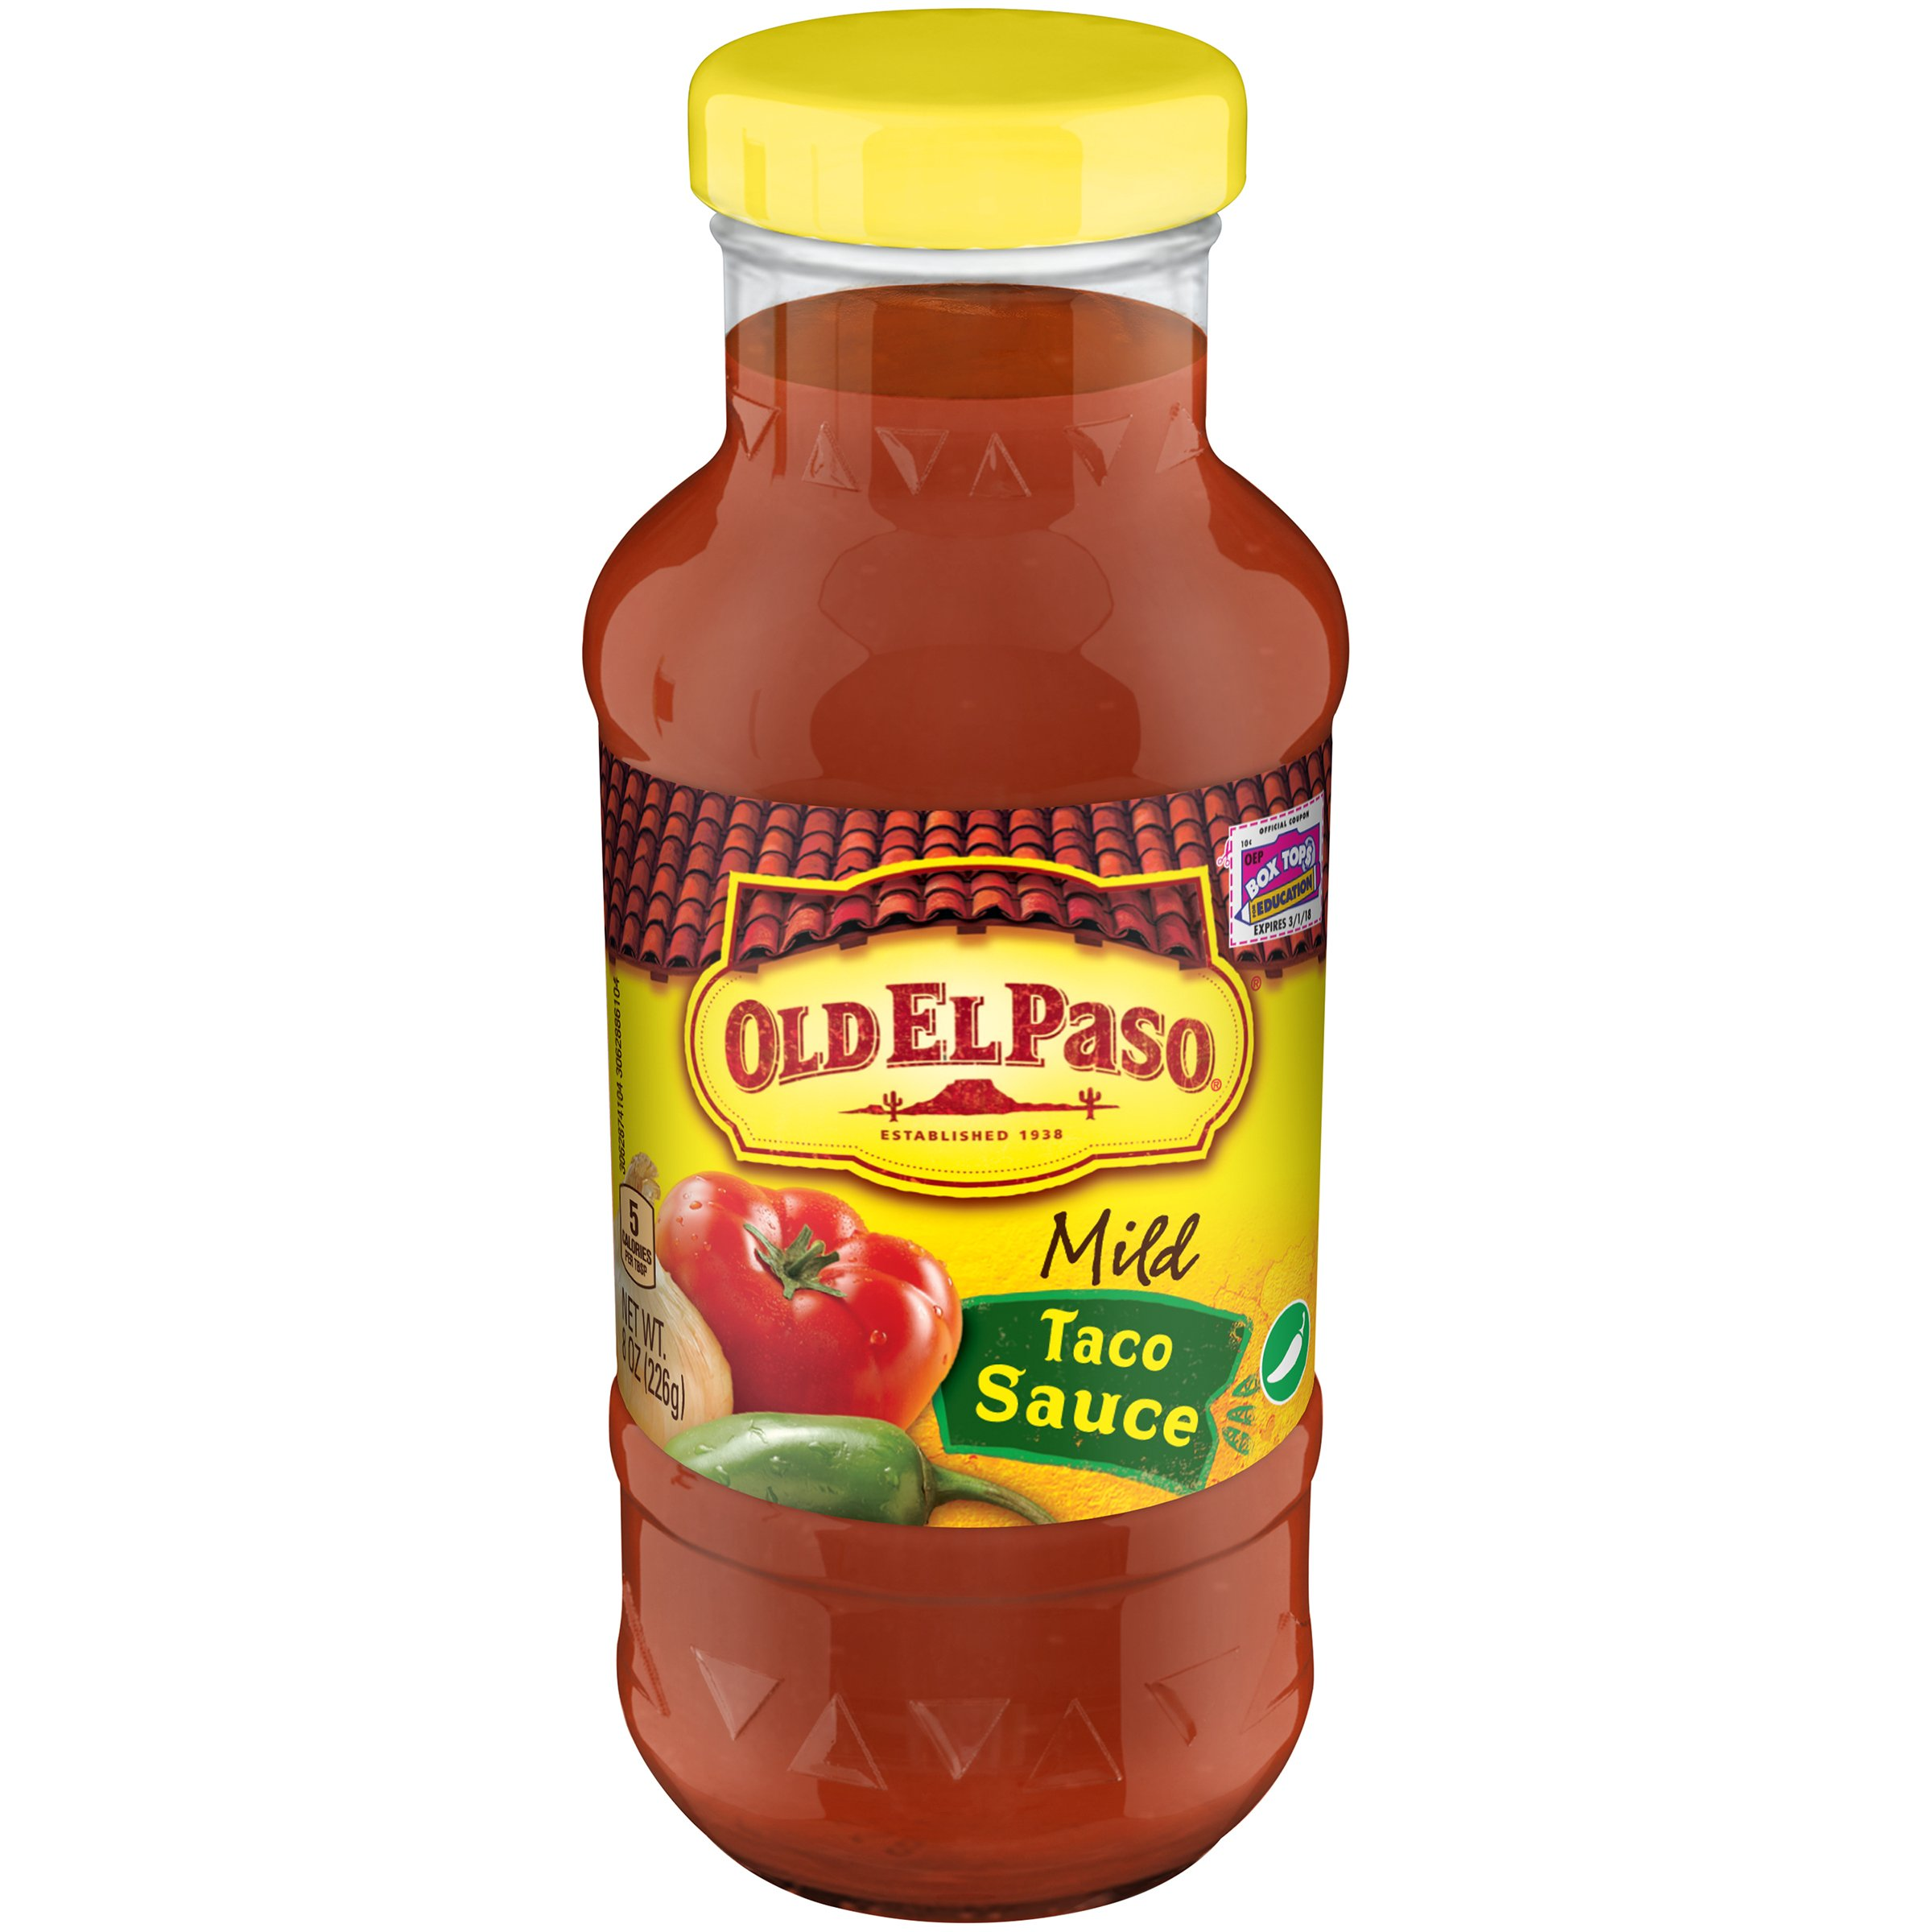 Old El Paso Mild Taco Sauce (Pack of 12) by Old El Paso